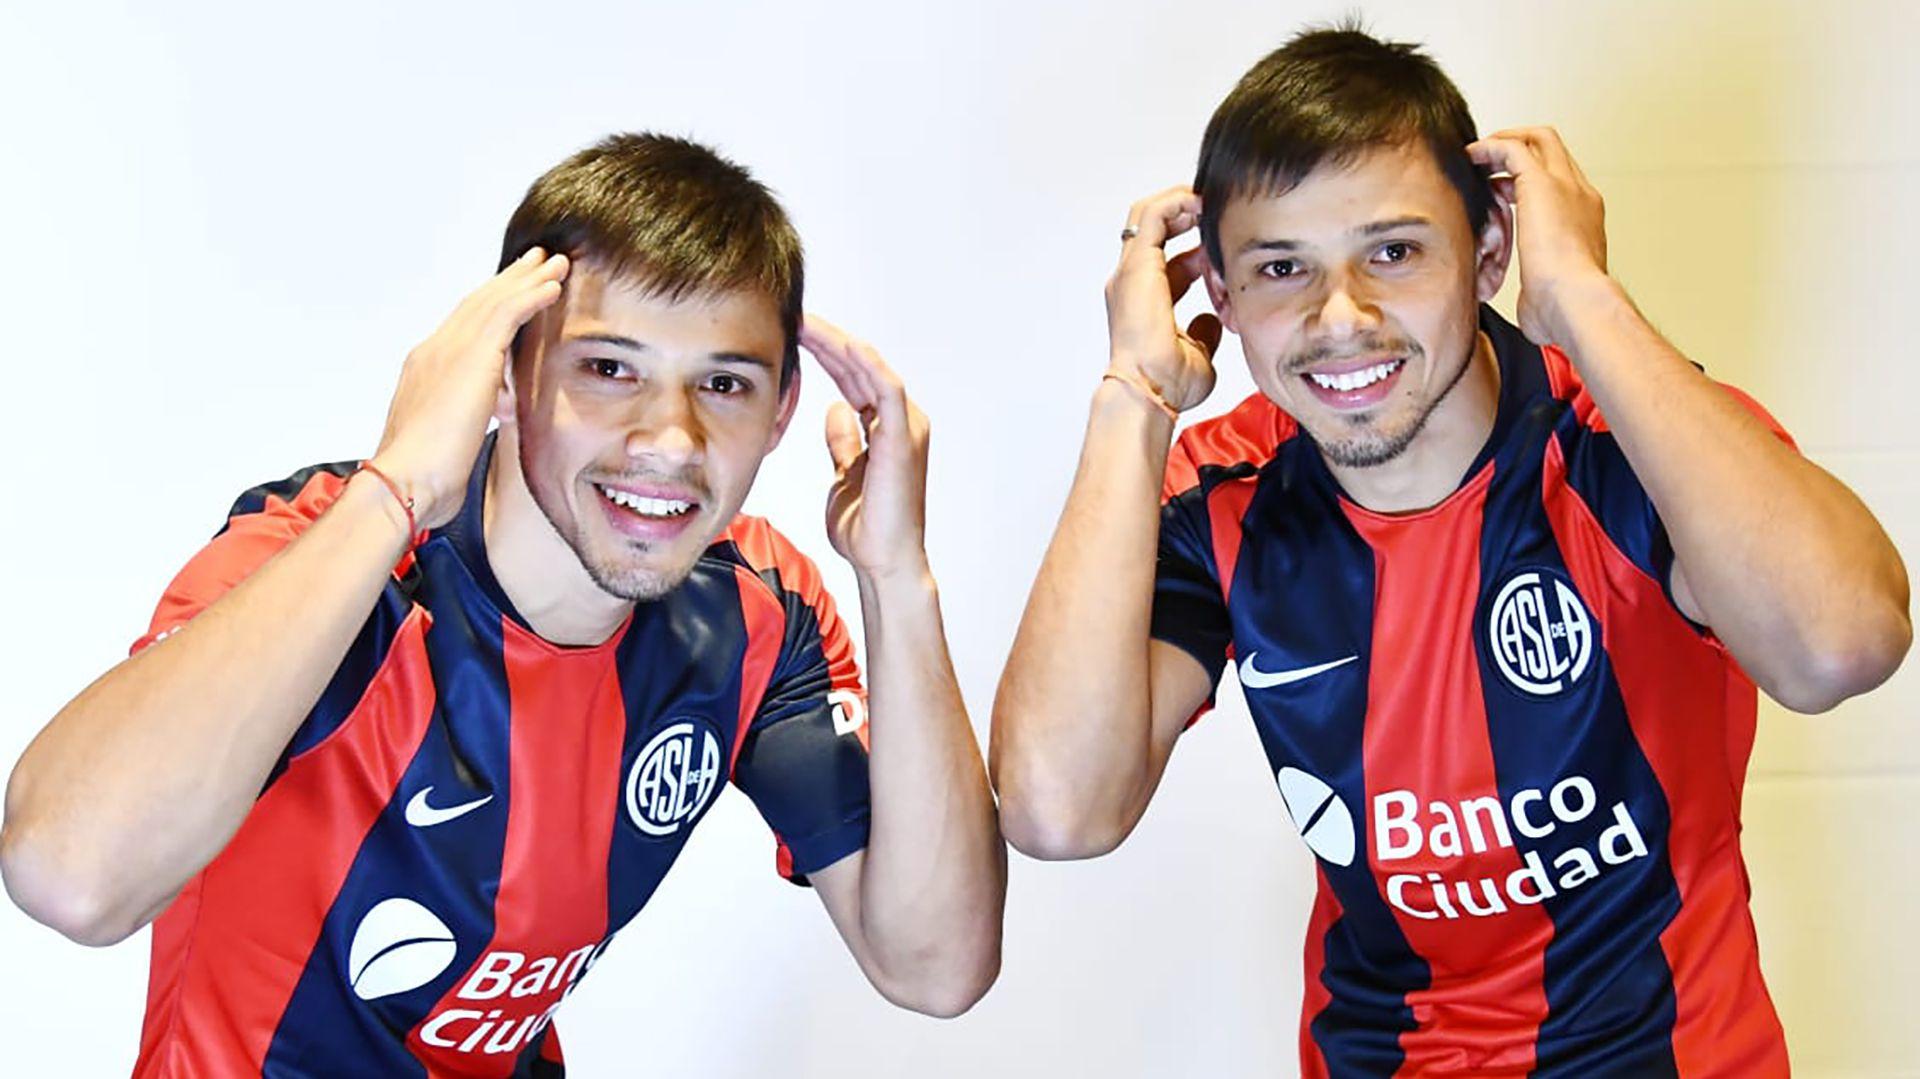 Los gemelos se separaron en 2015 y San Lorenzo los volvió a juntar (@SanLorenzo)